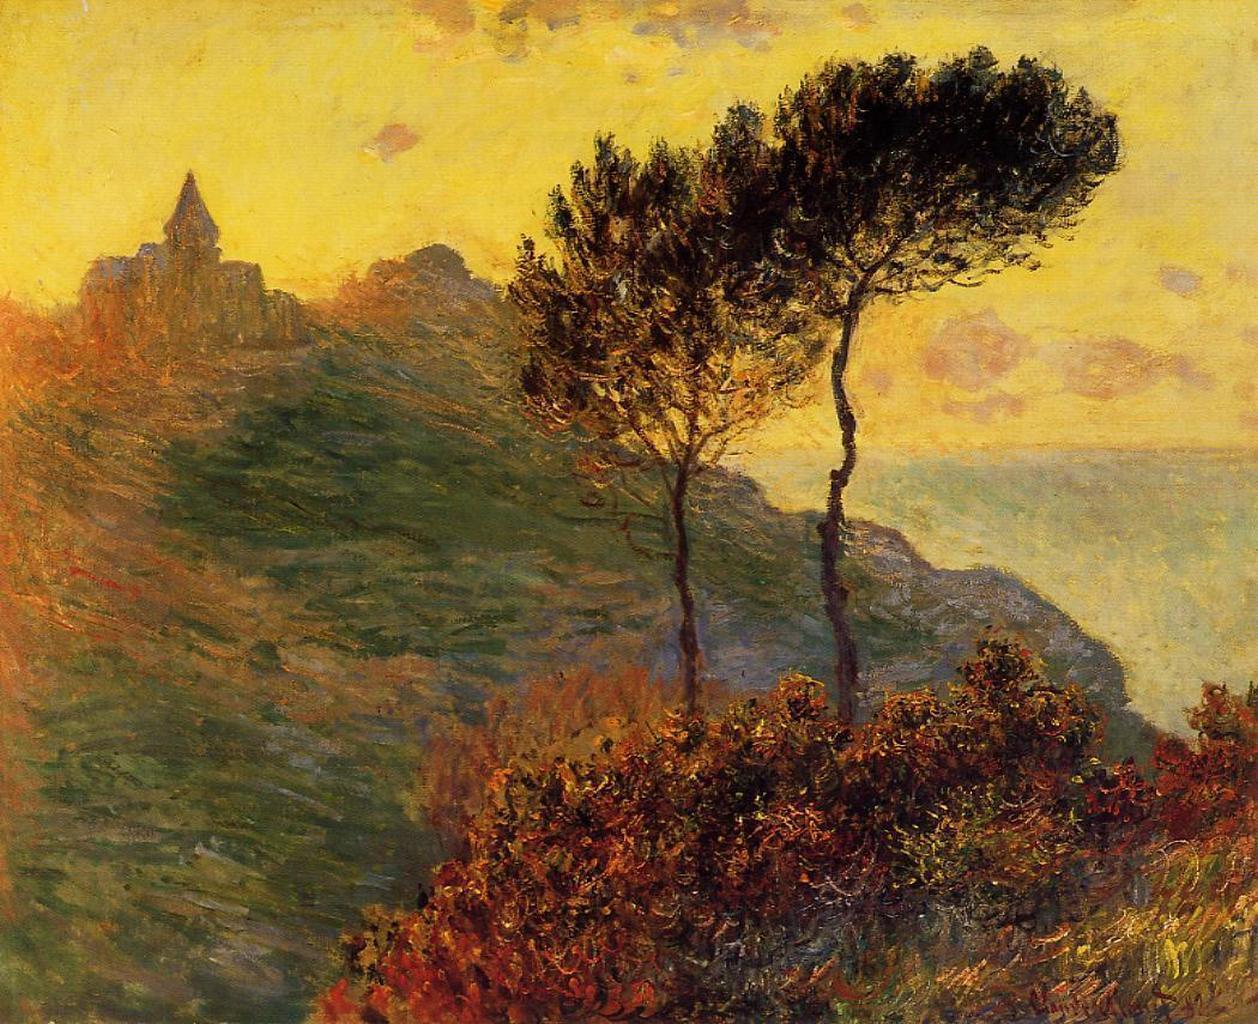 скалы и море < Церковь в Варенживилле на закате >:: Клод Моне, описание картины - Claude Monet фото